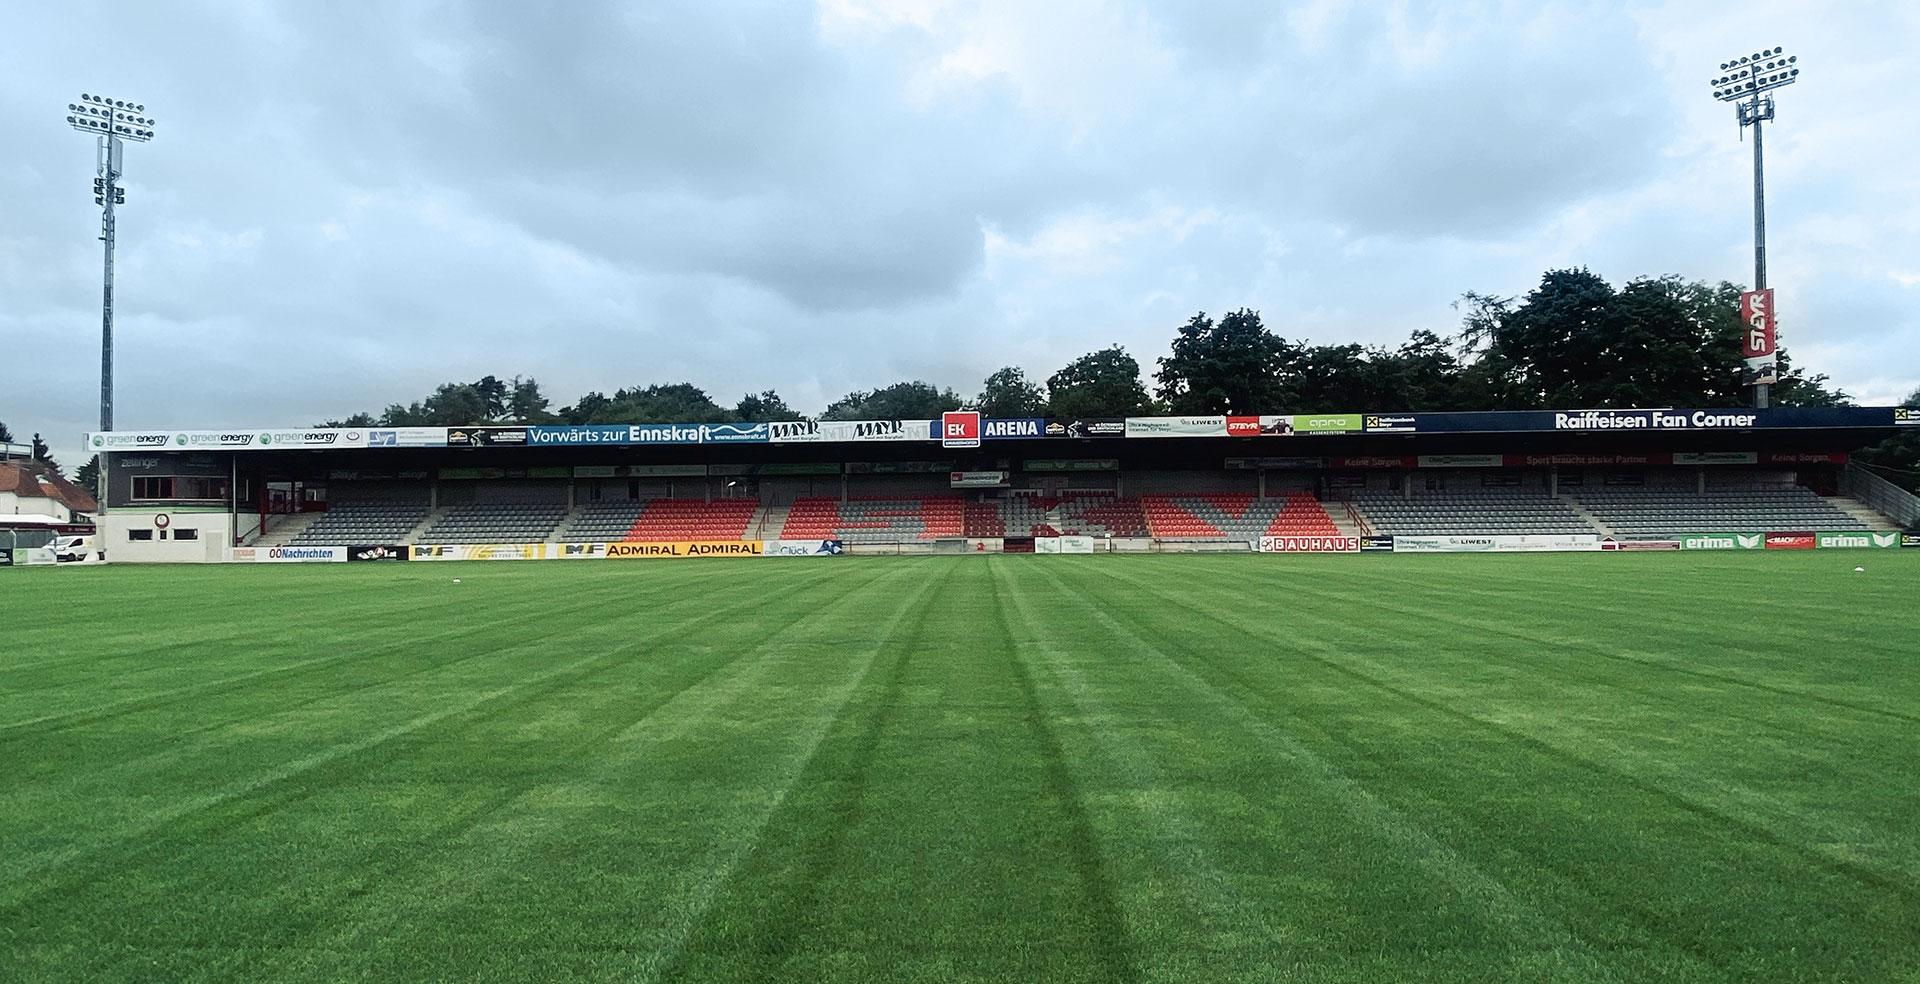 Vorwärts Stadion